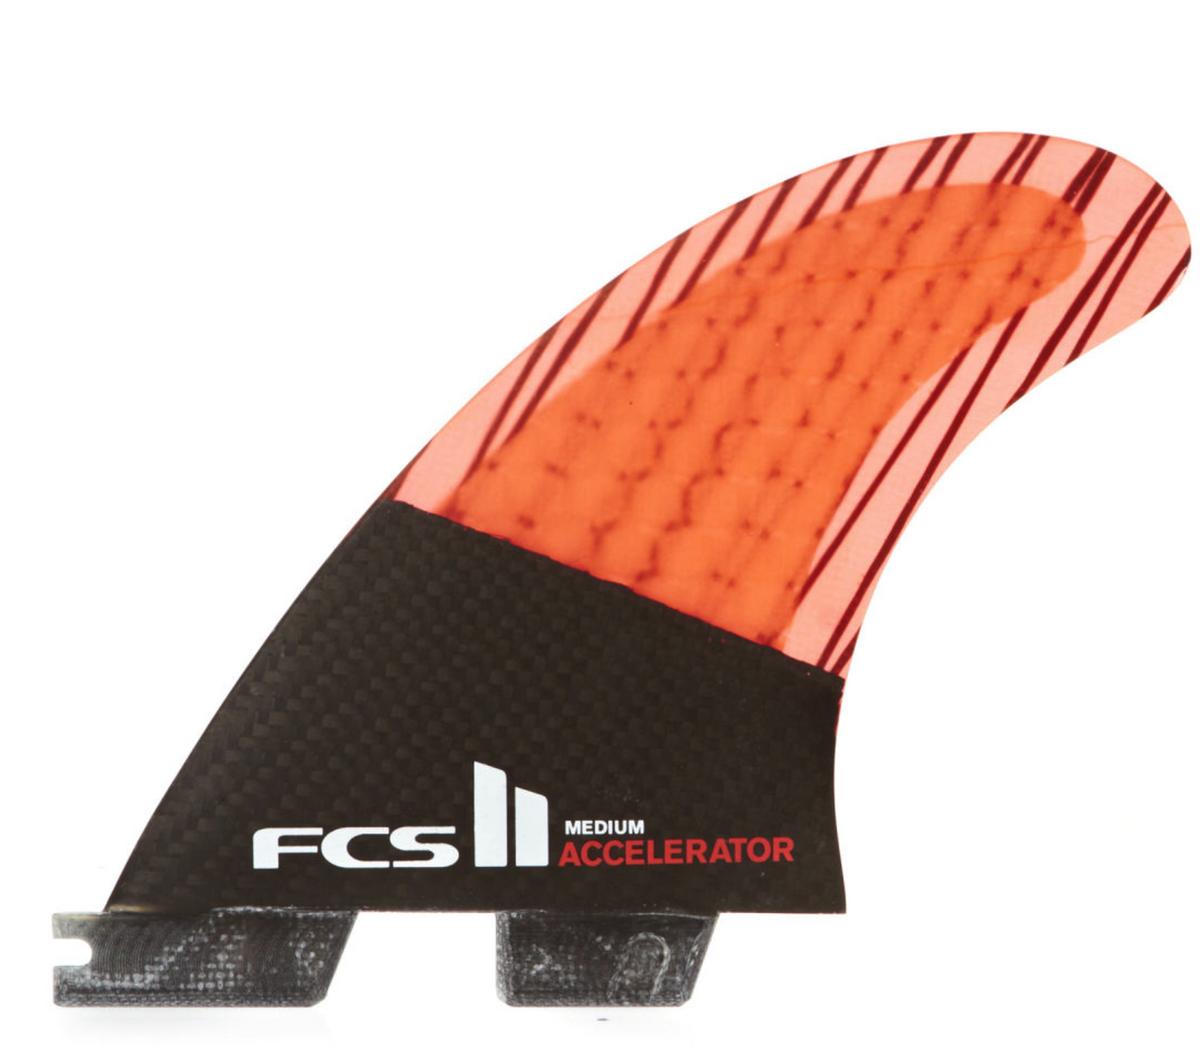 FCS II Accelerator PC Carbon Medium - Surfboard Fins a7d7fb7e1